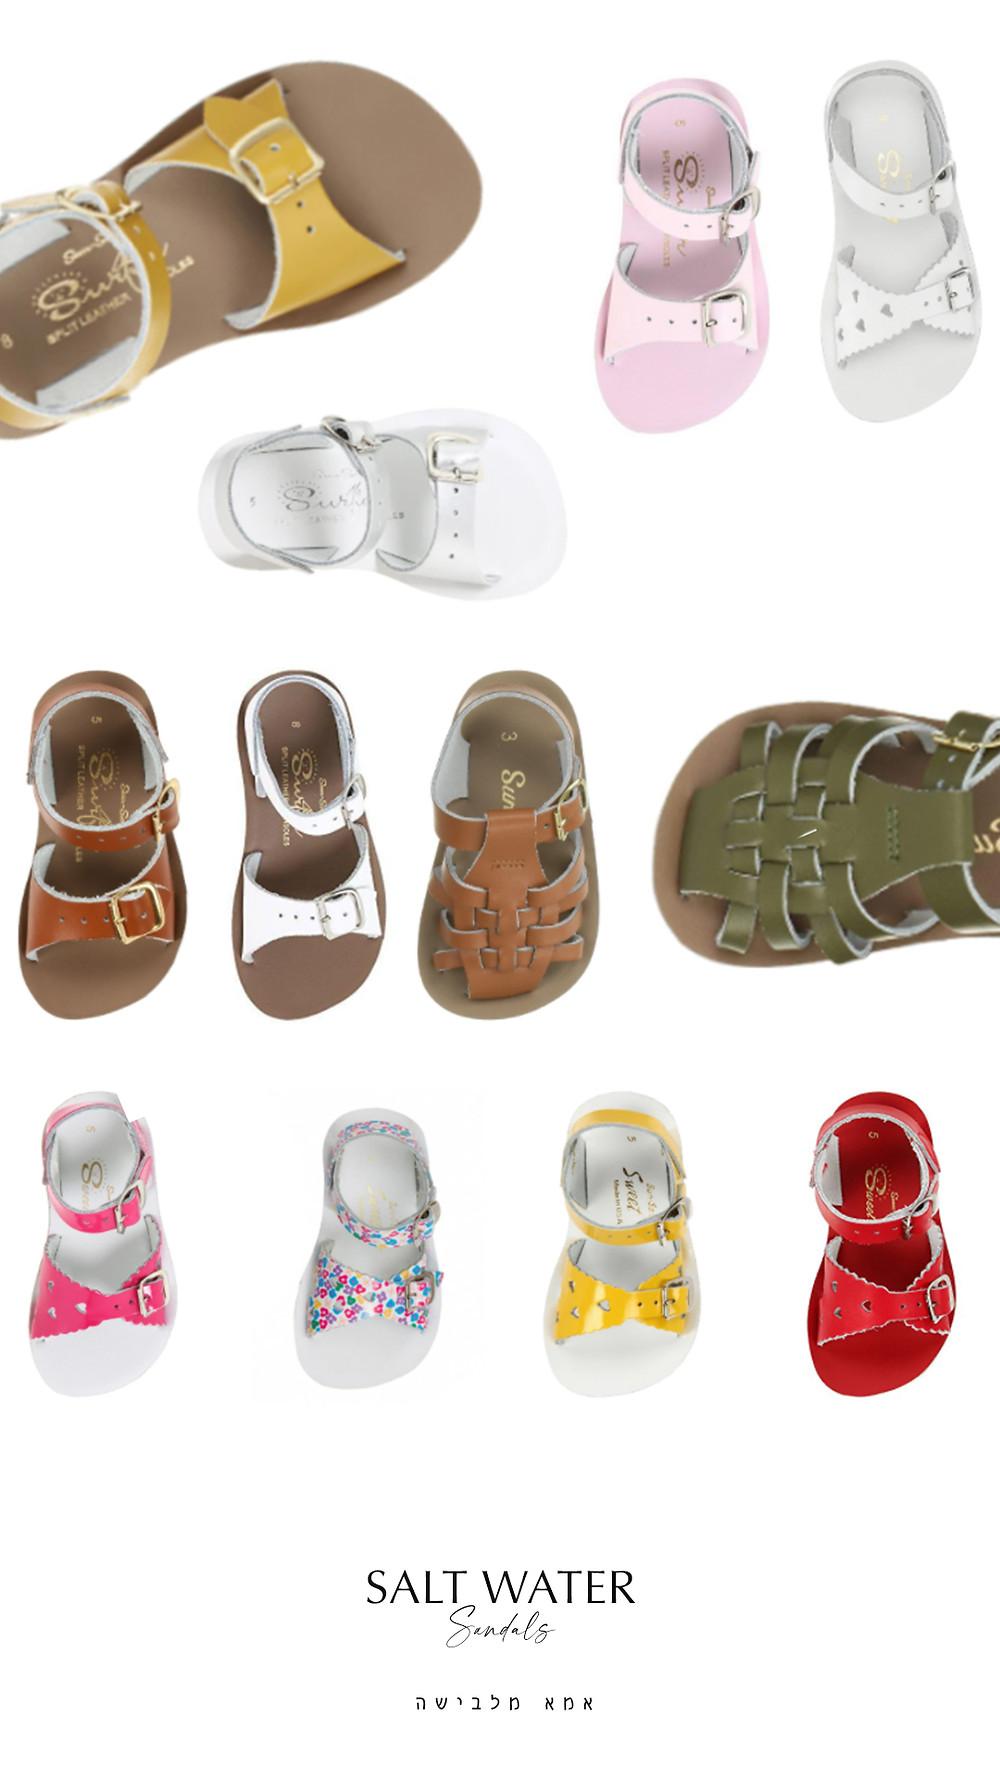 סנדלים לילדים 2021 אמא מלבישה